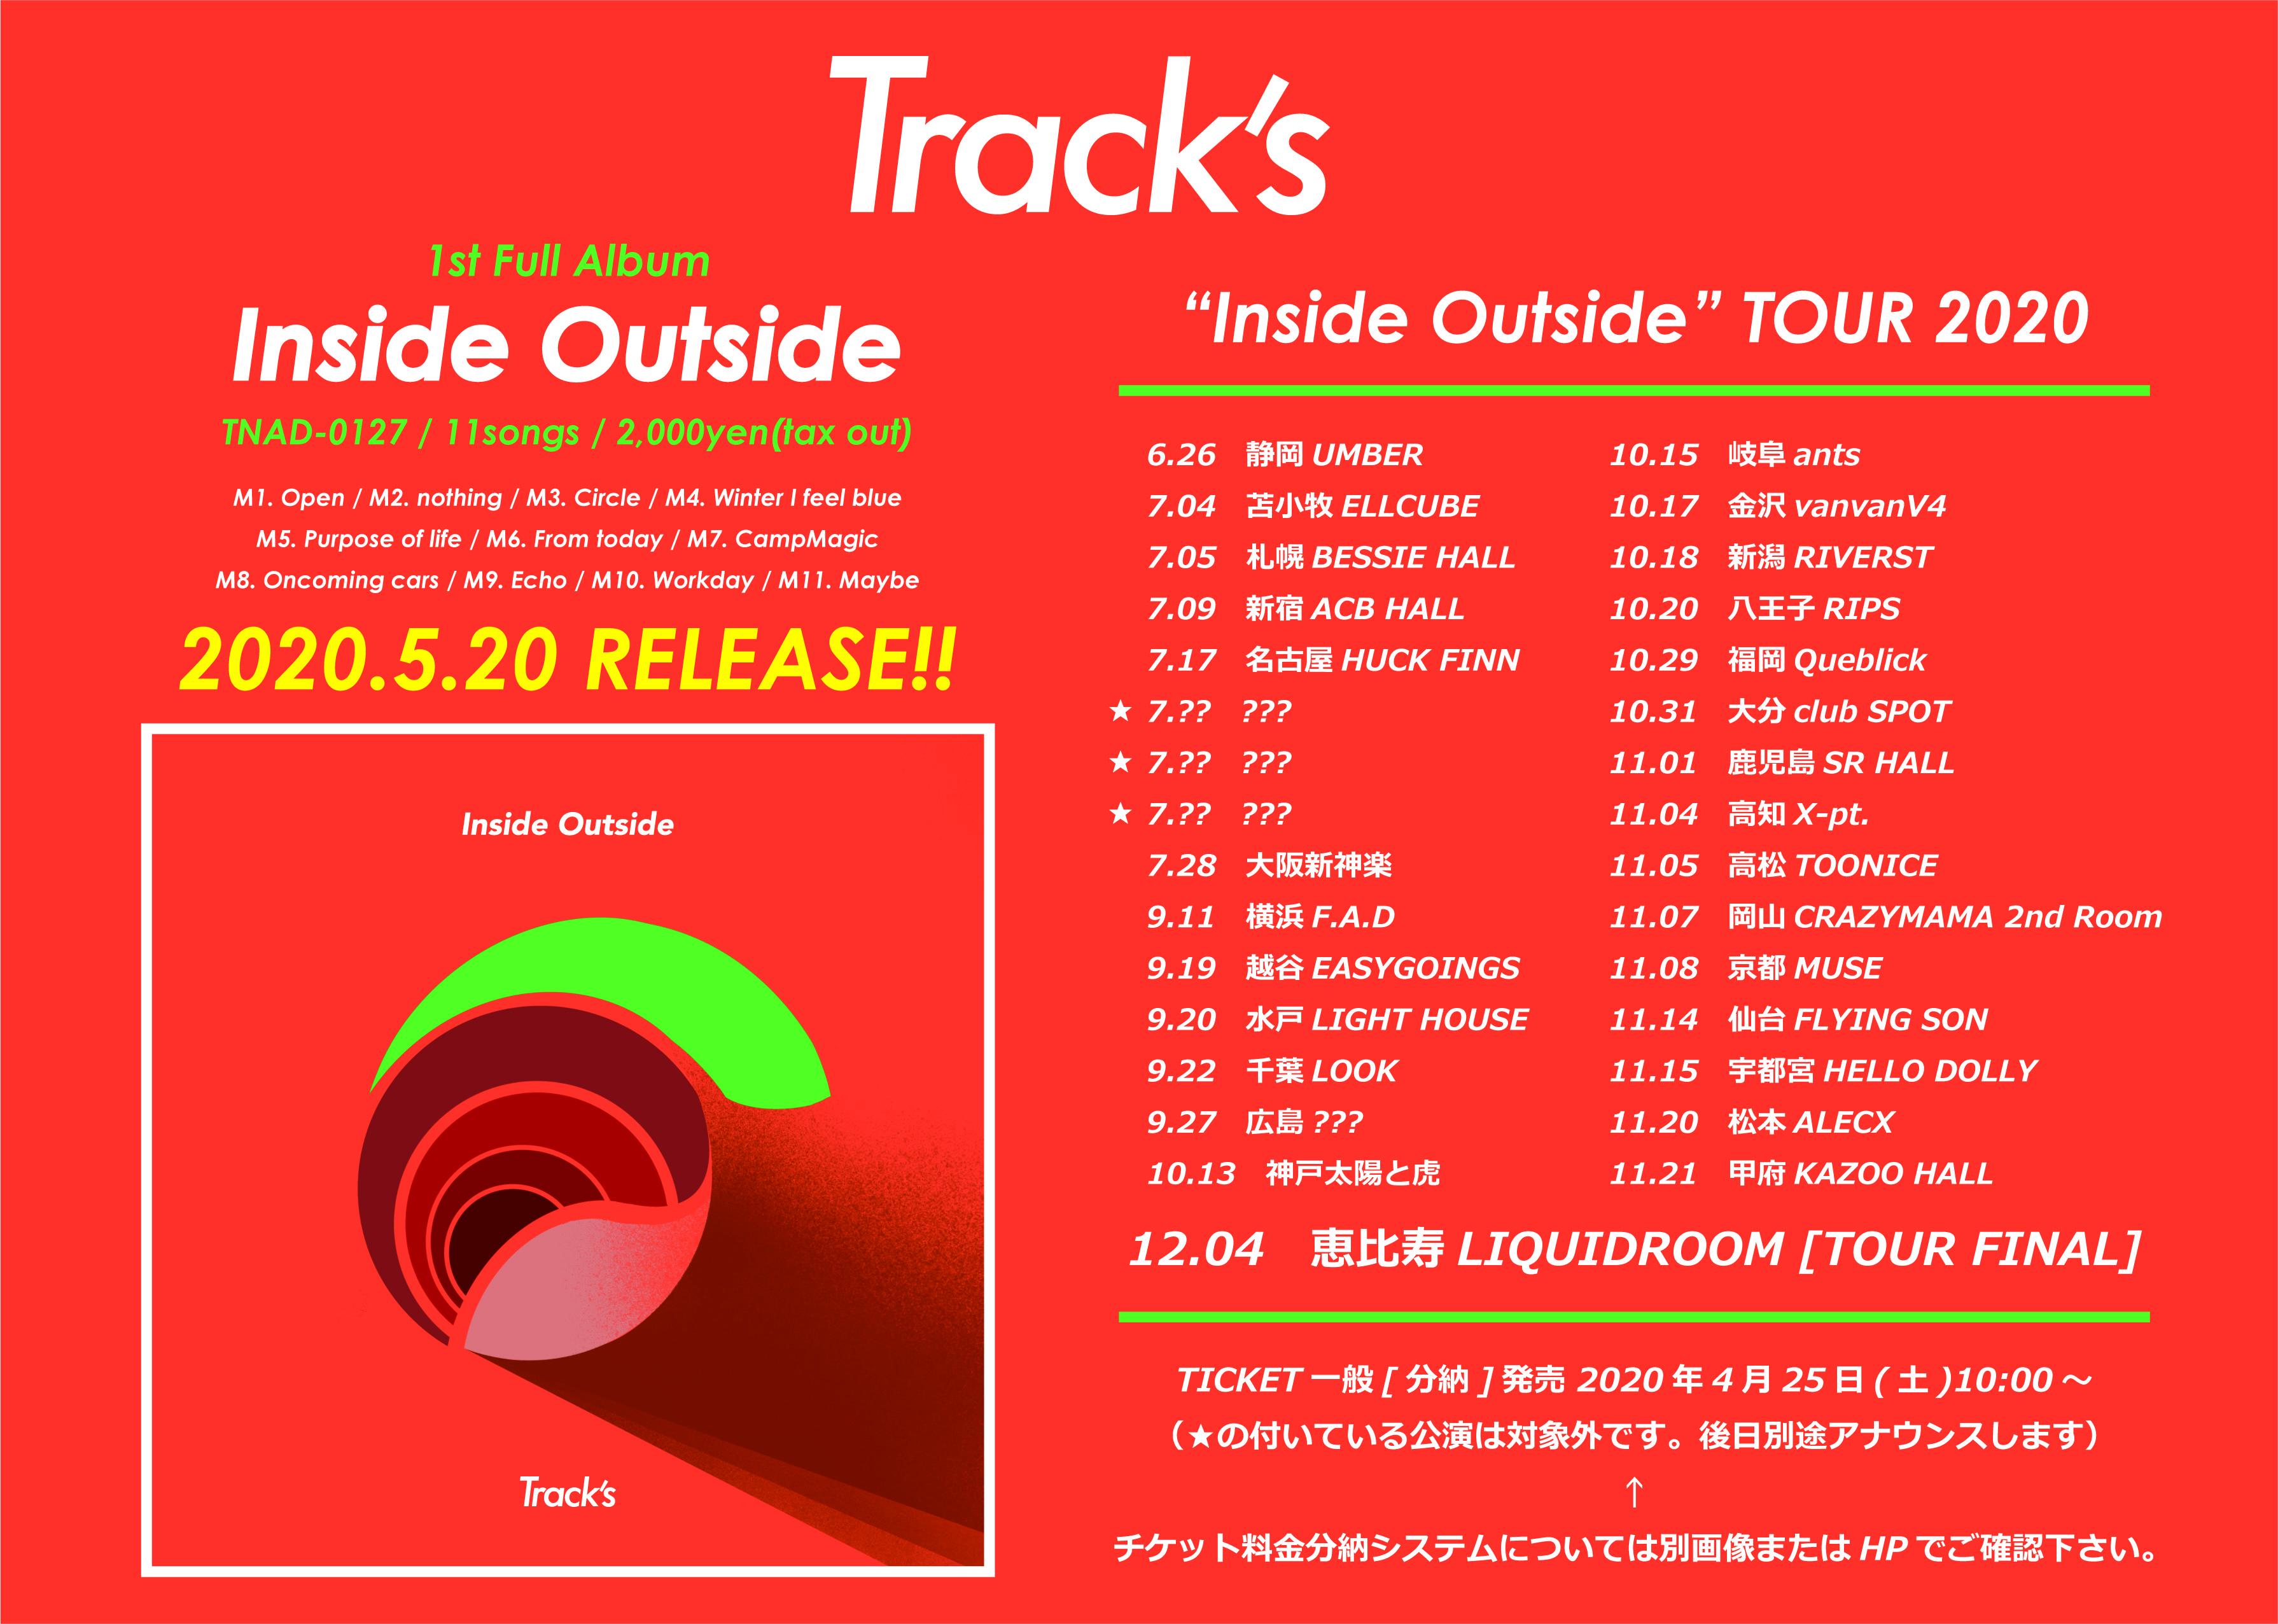 【修正】RELEASE発表-01 0419